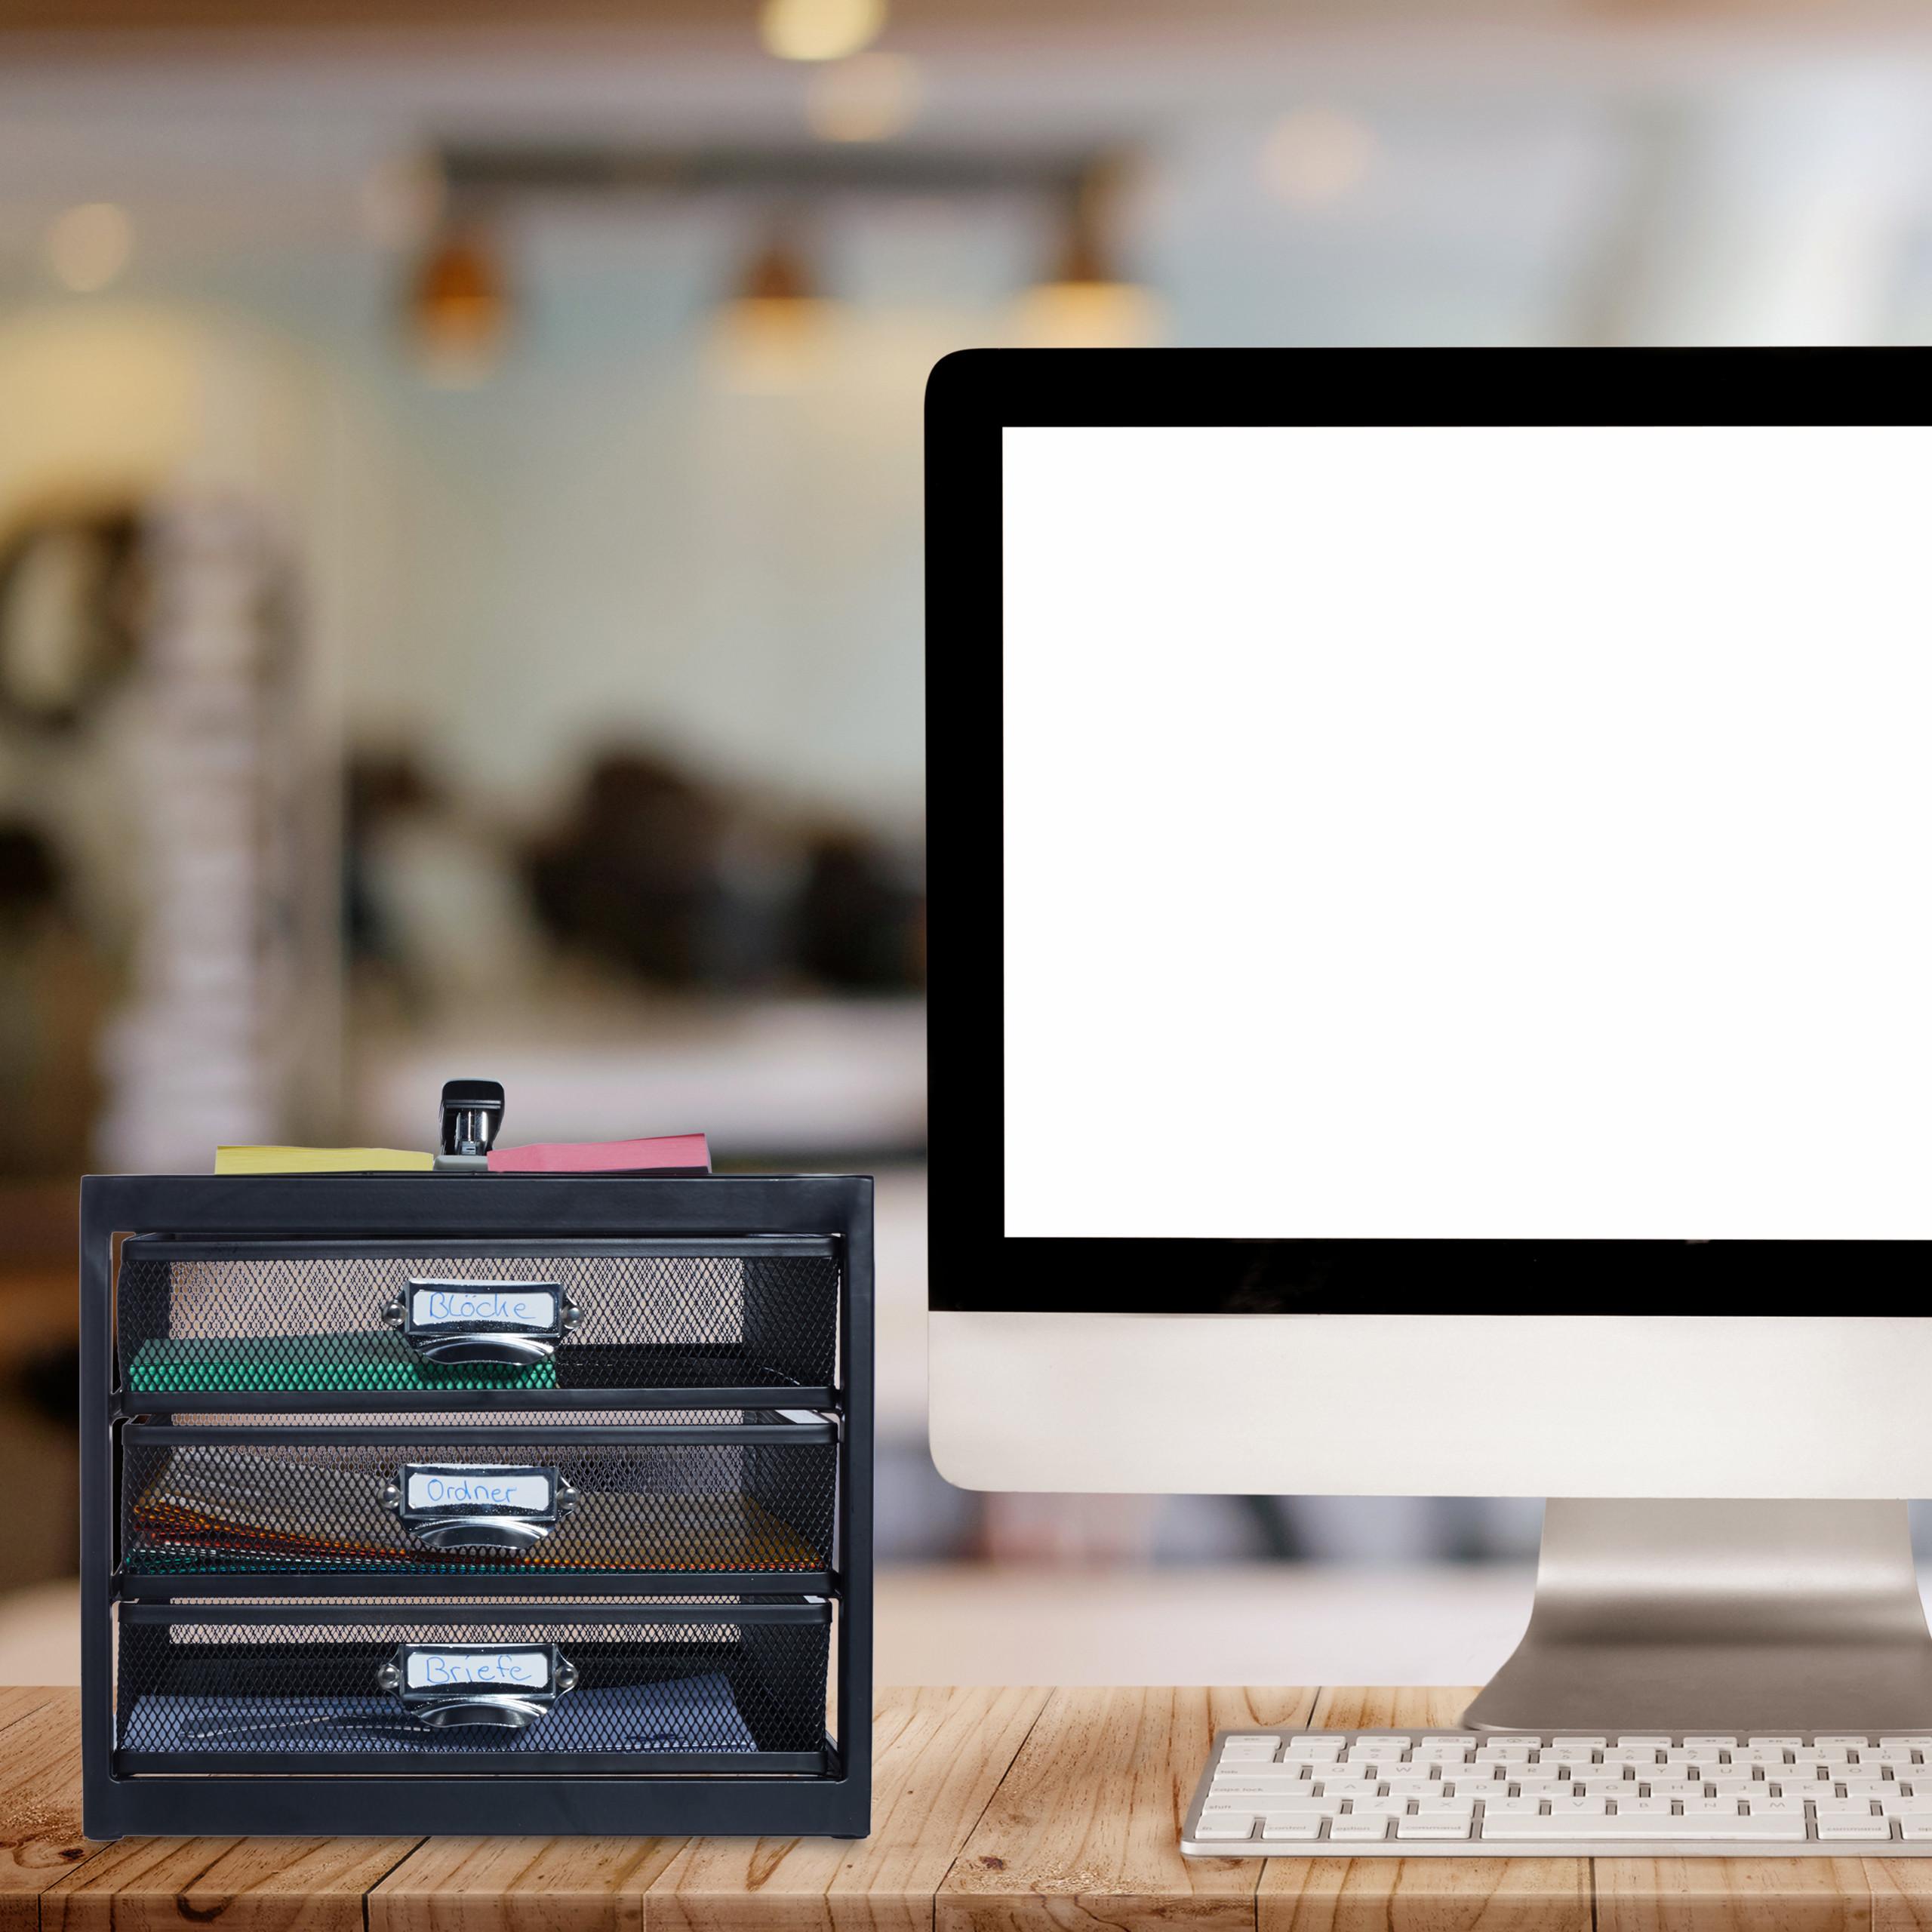 Corbeille-a-courrier-porte-documents-organiseur-porte-revues-3-tiroirs miniature 15